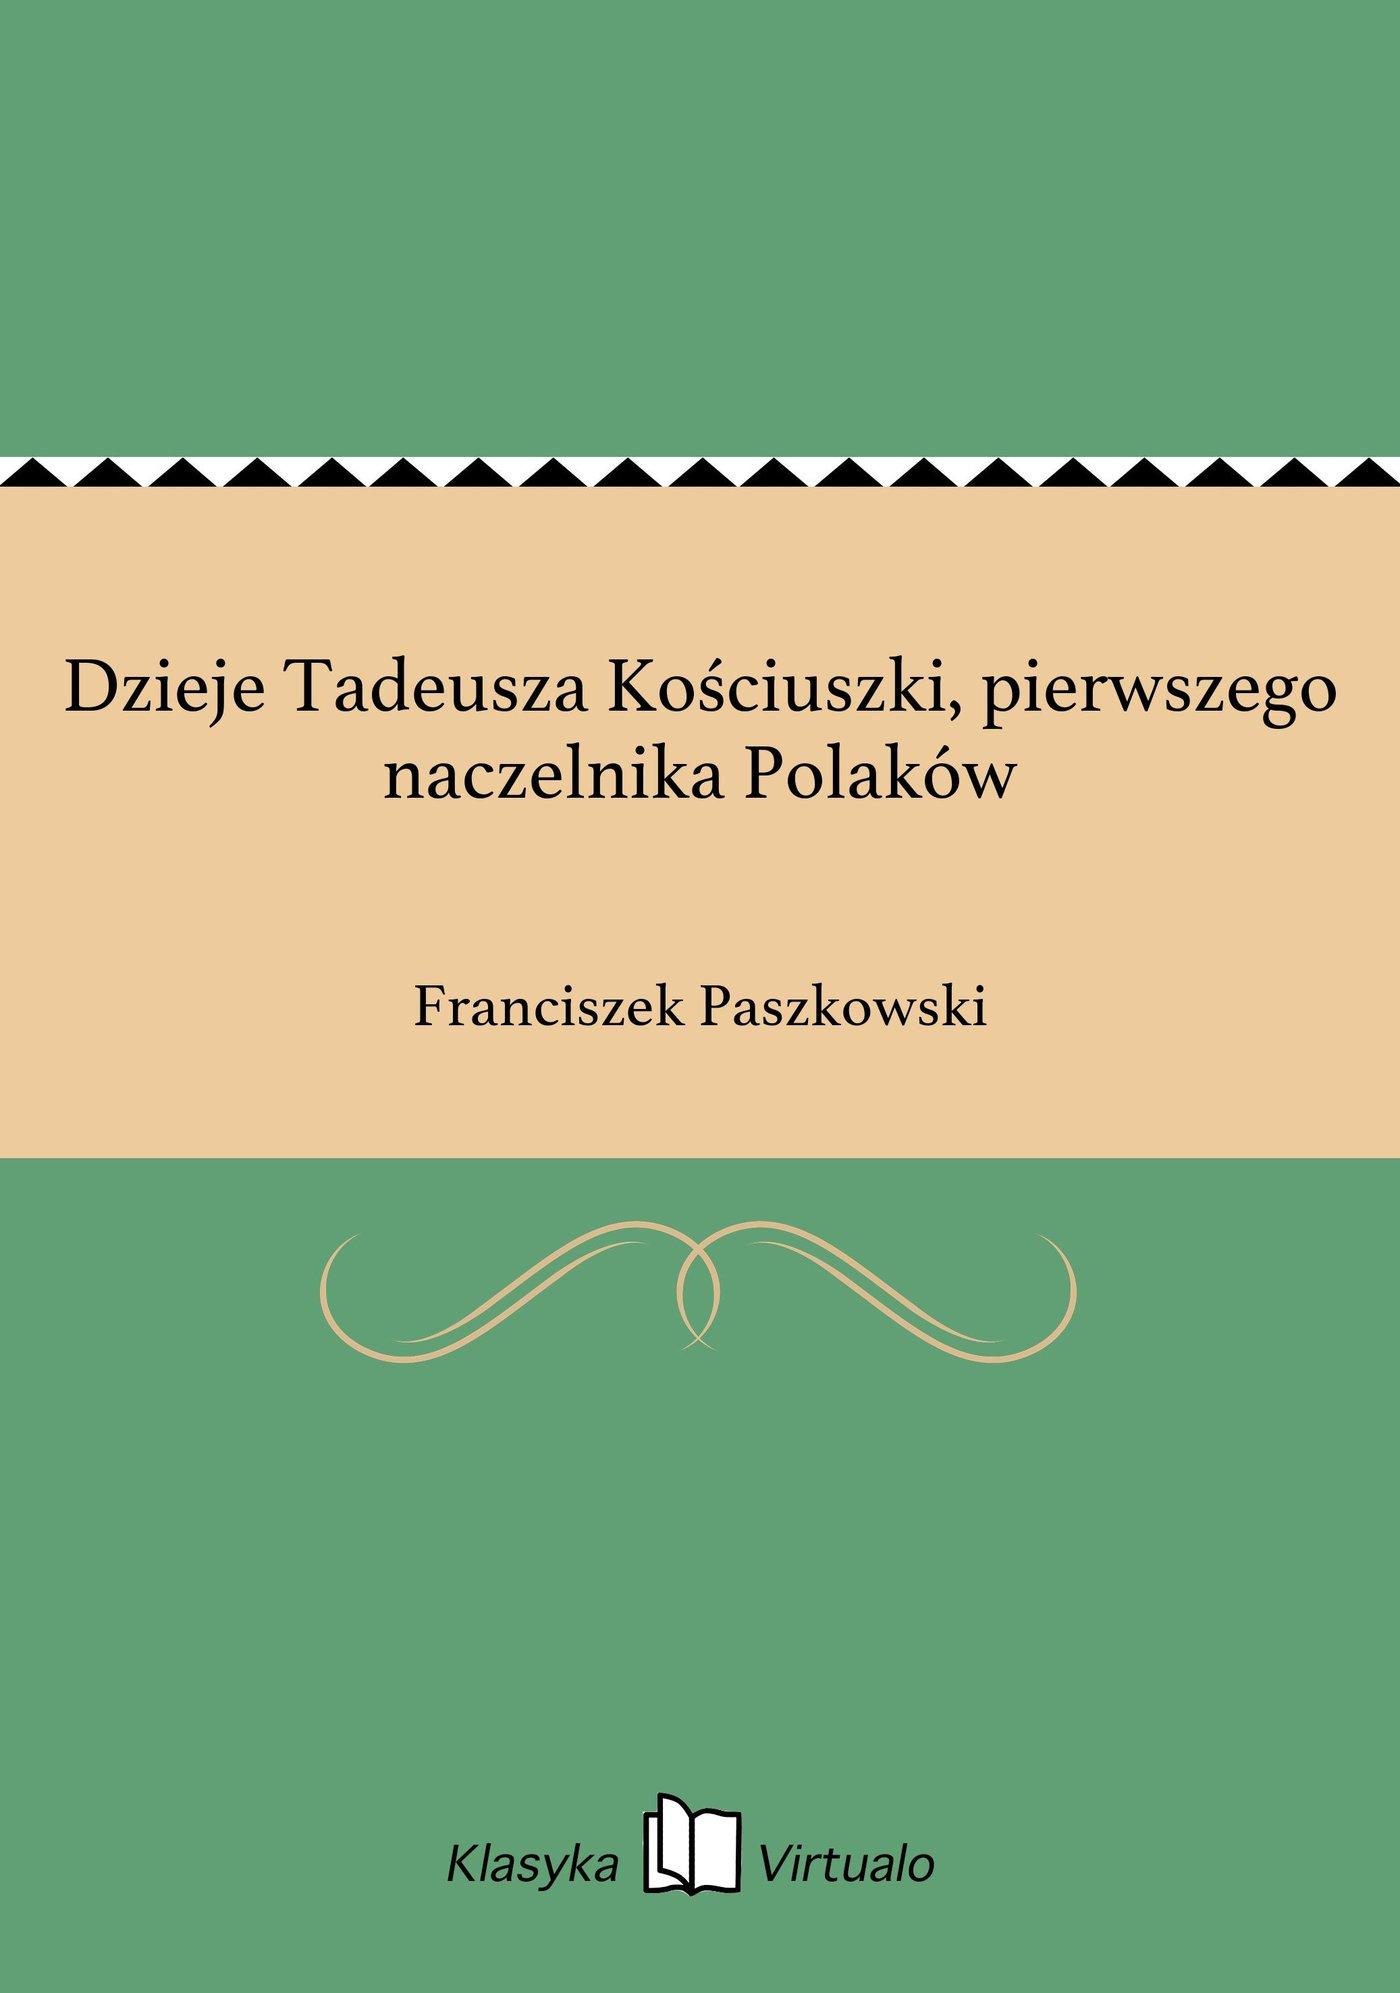 Dzieje Tadeusza Kościuszki, pierwszego naczelnika Polaków - Ebook (Książka EPUB) do pobrania w formacie EPUB